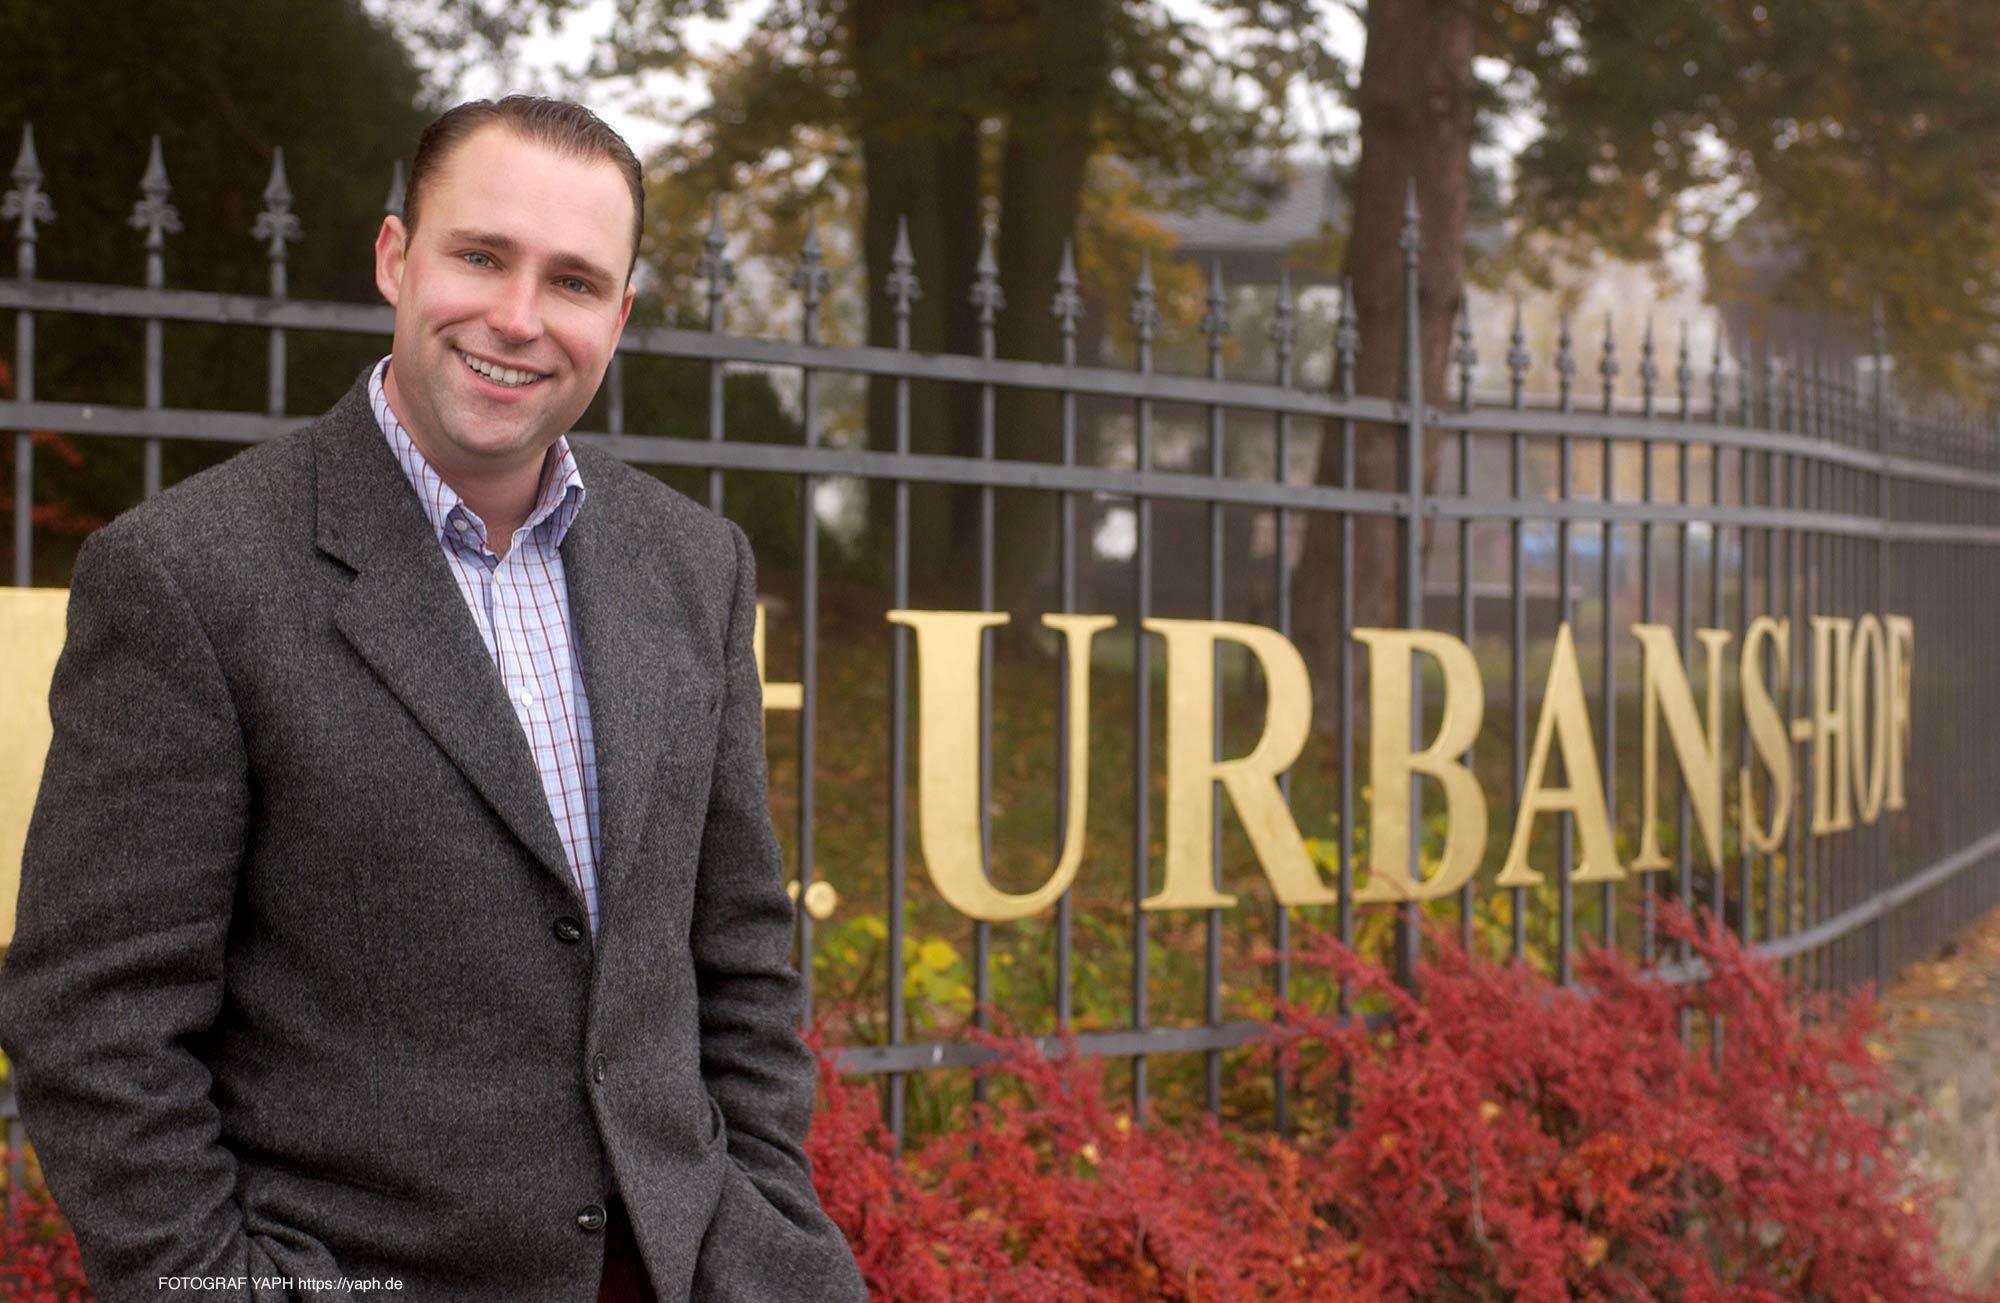 Business Portrait Nik Weis- St. Urbans-Hof - Fotograf für Bewerbungsfotos Trier